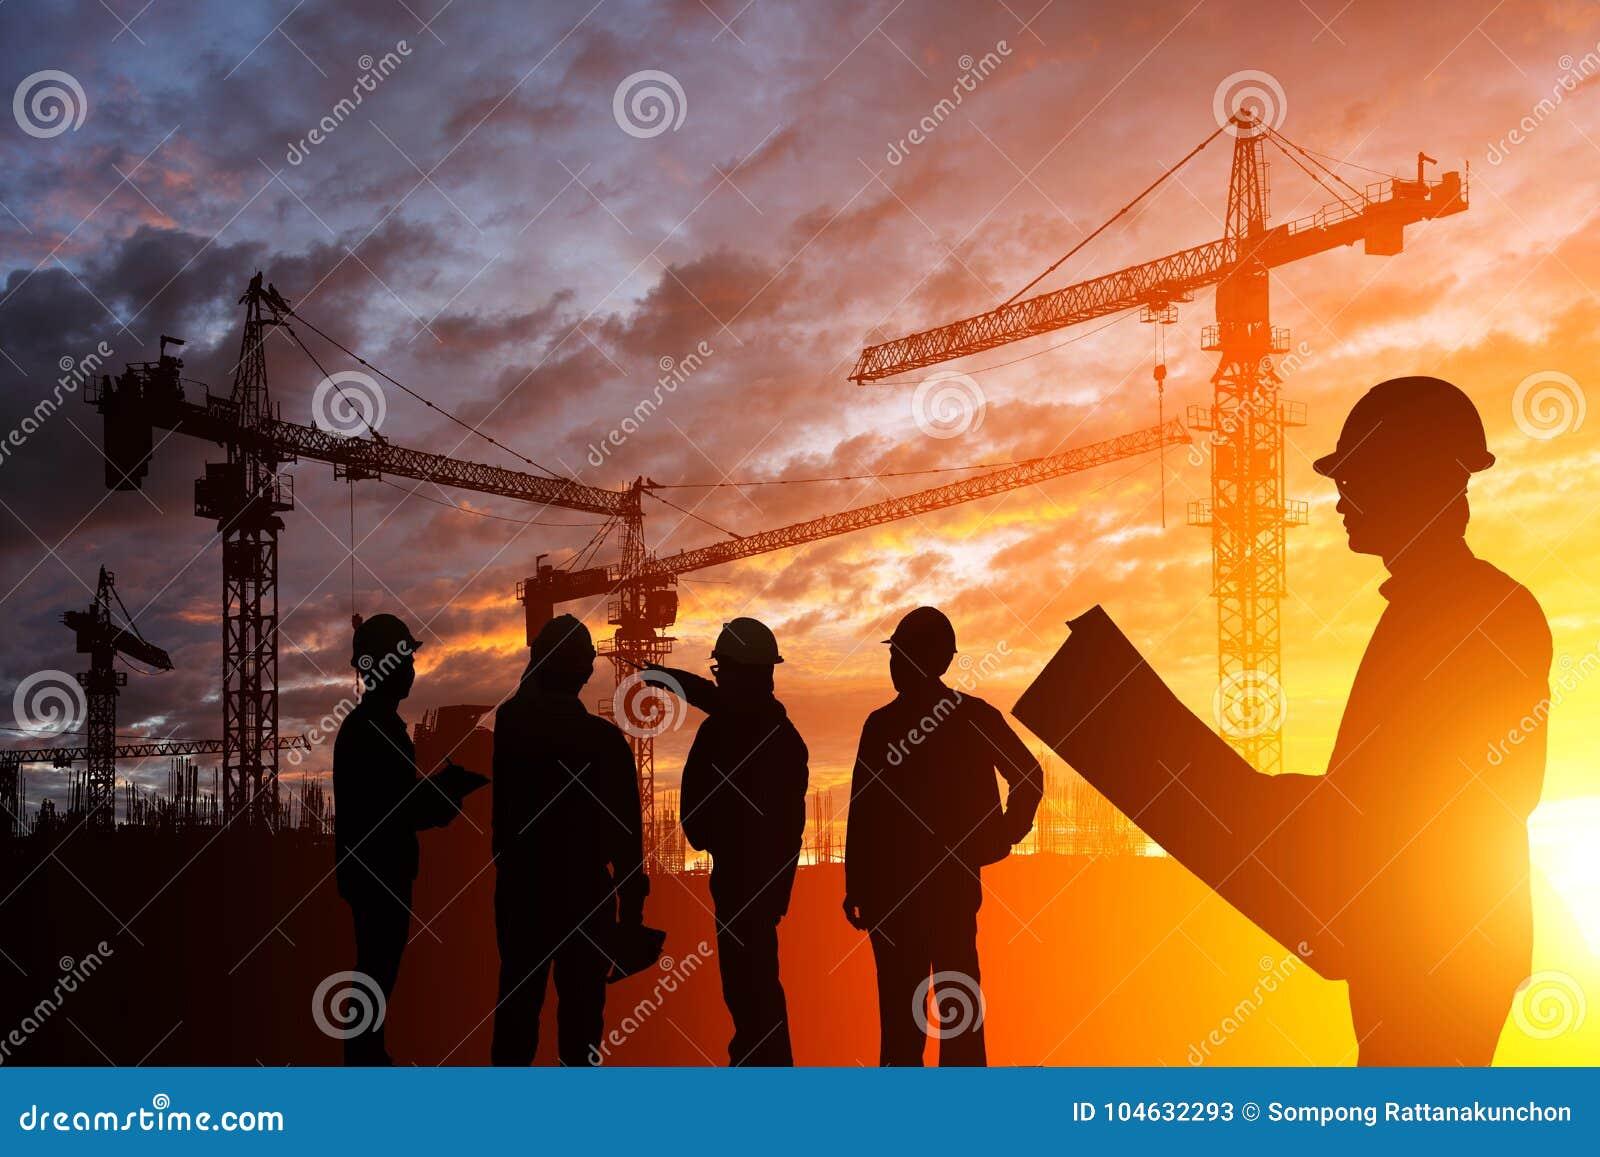 Download De Ingenieur Van Silhouetteams In Een Bouwterrein Bij Zonsondergang Stock Afbeelding - Afbeelding bestaande uit bedrijf, bouw: 104632293